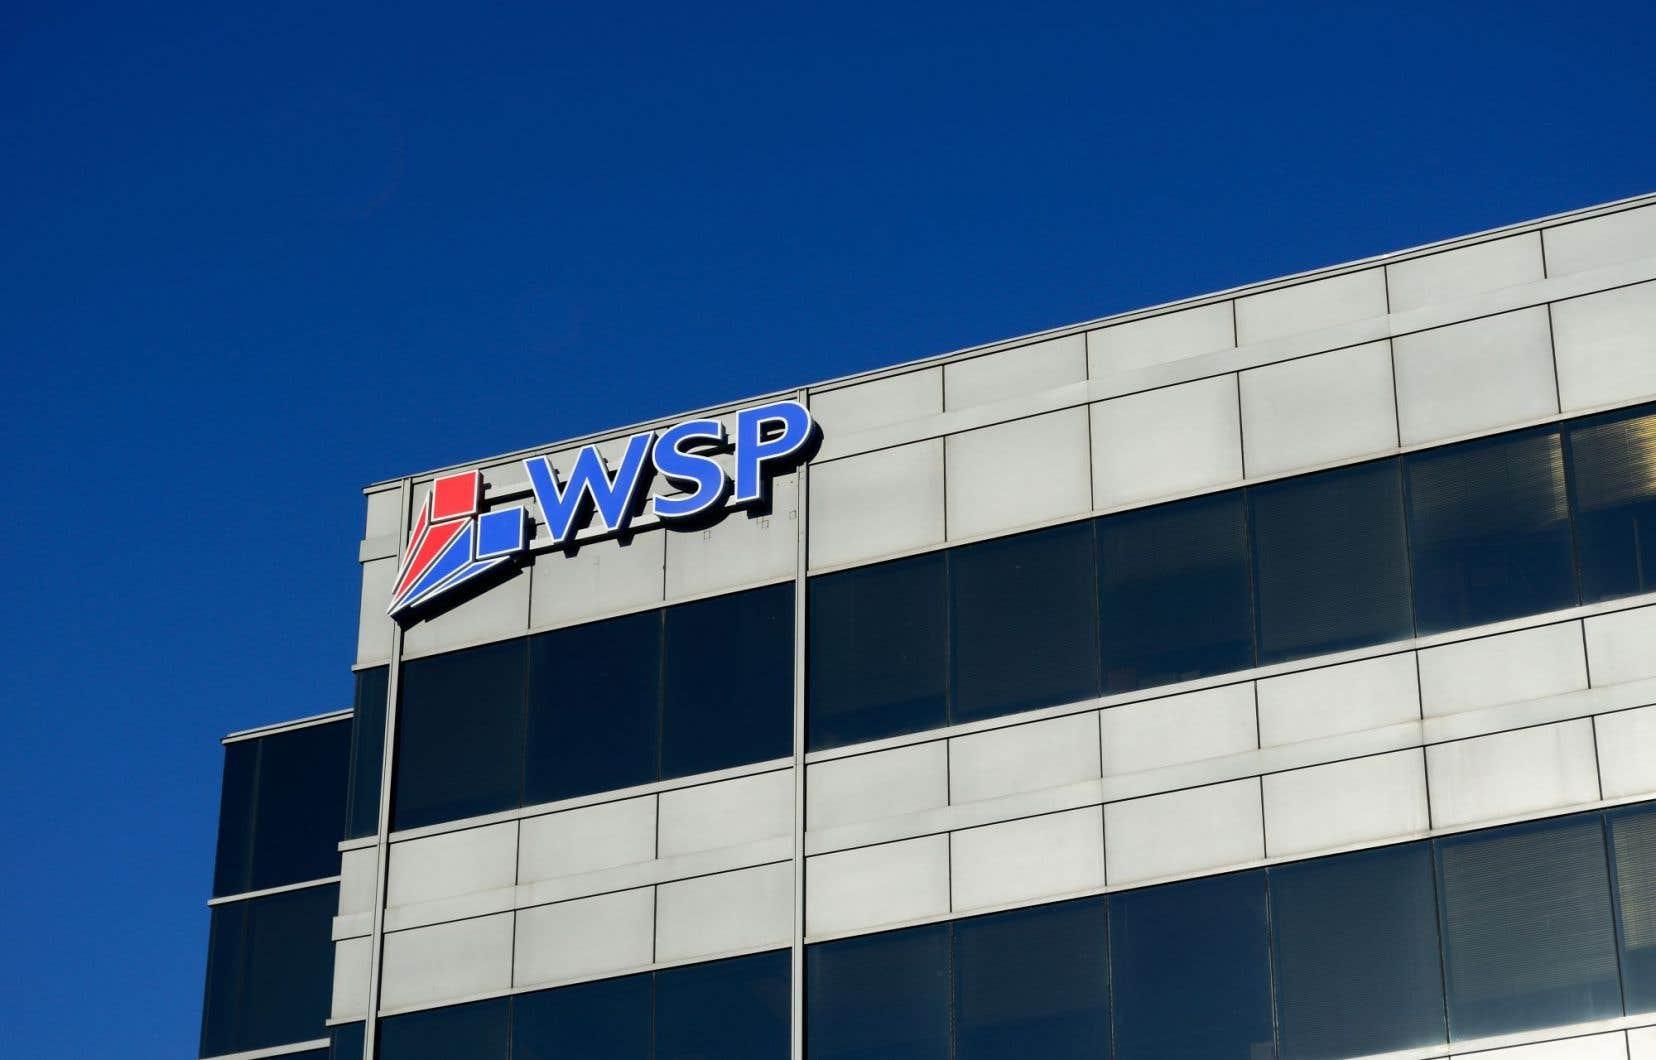 WSP compte actuellement 36000 employés dans le monde.